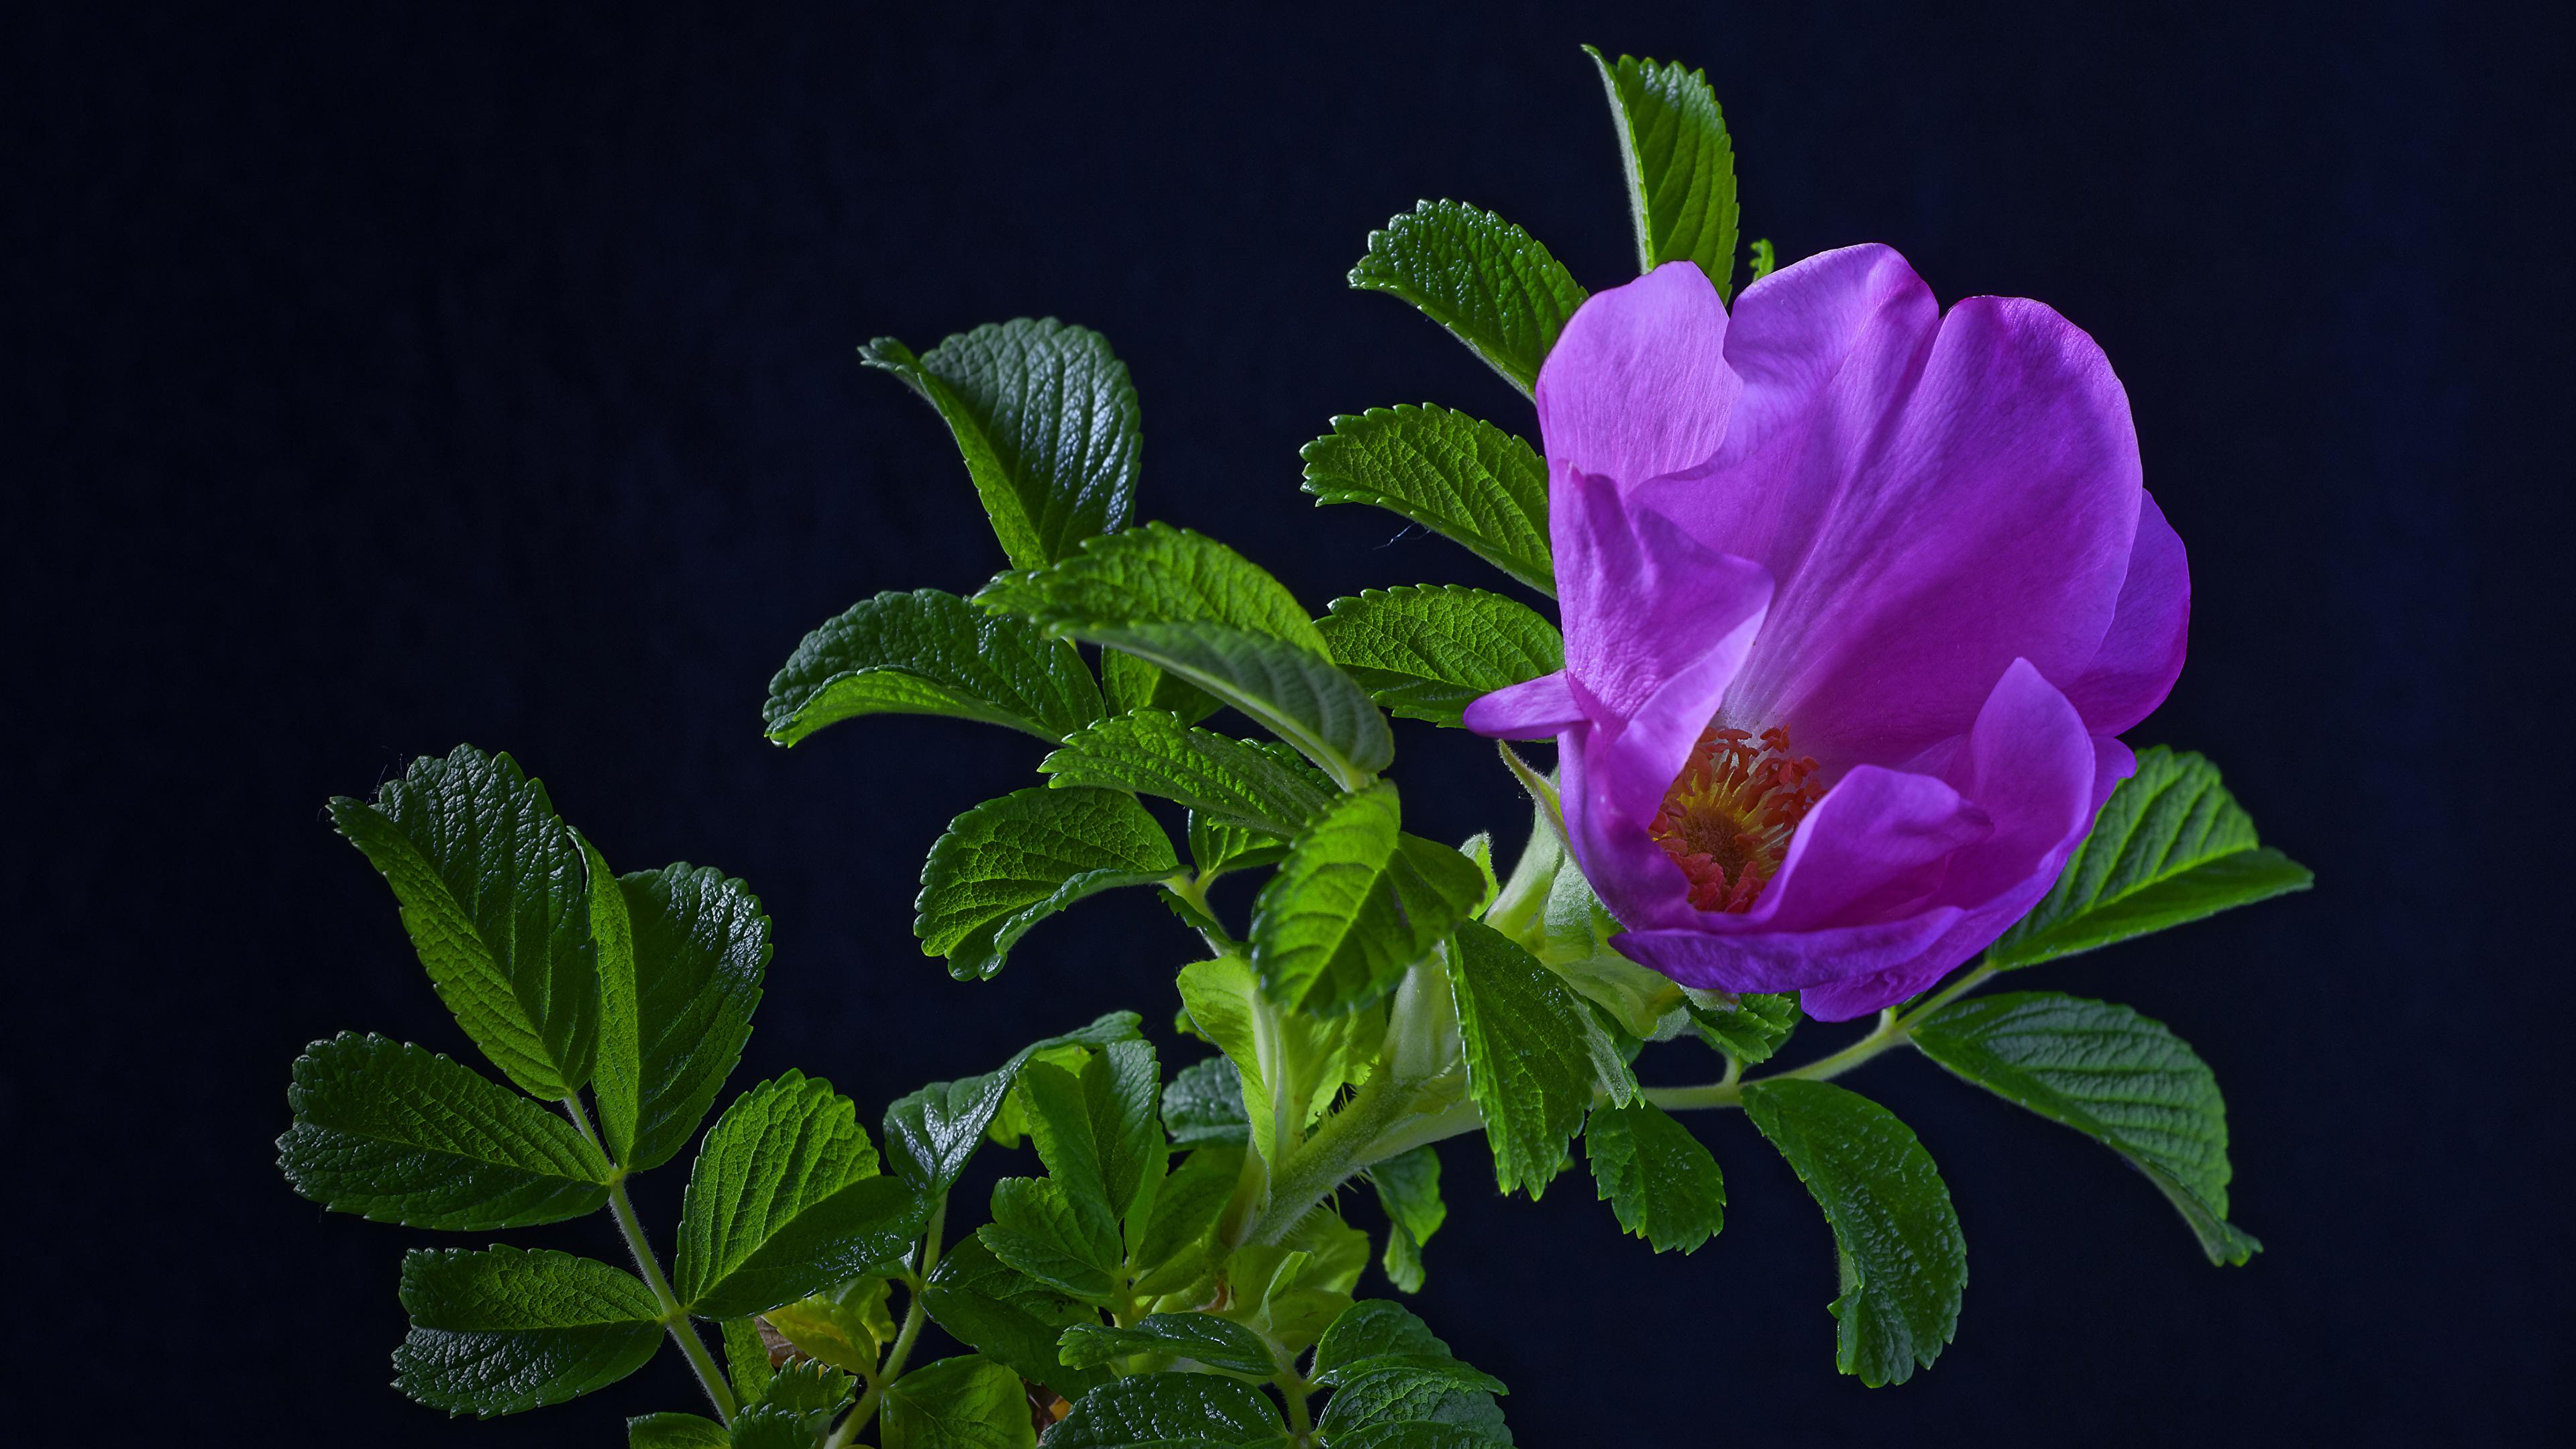 Обои для рабочего стола Листья роза фиолетовых цветок ветка Черный фон 3840x2160 лист Листва Розы Фиолетовый фиолетовая фиолетовые Цветы ветвь Ветки на ветке на черном фоне